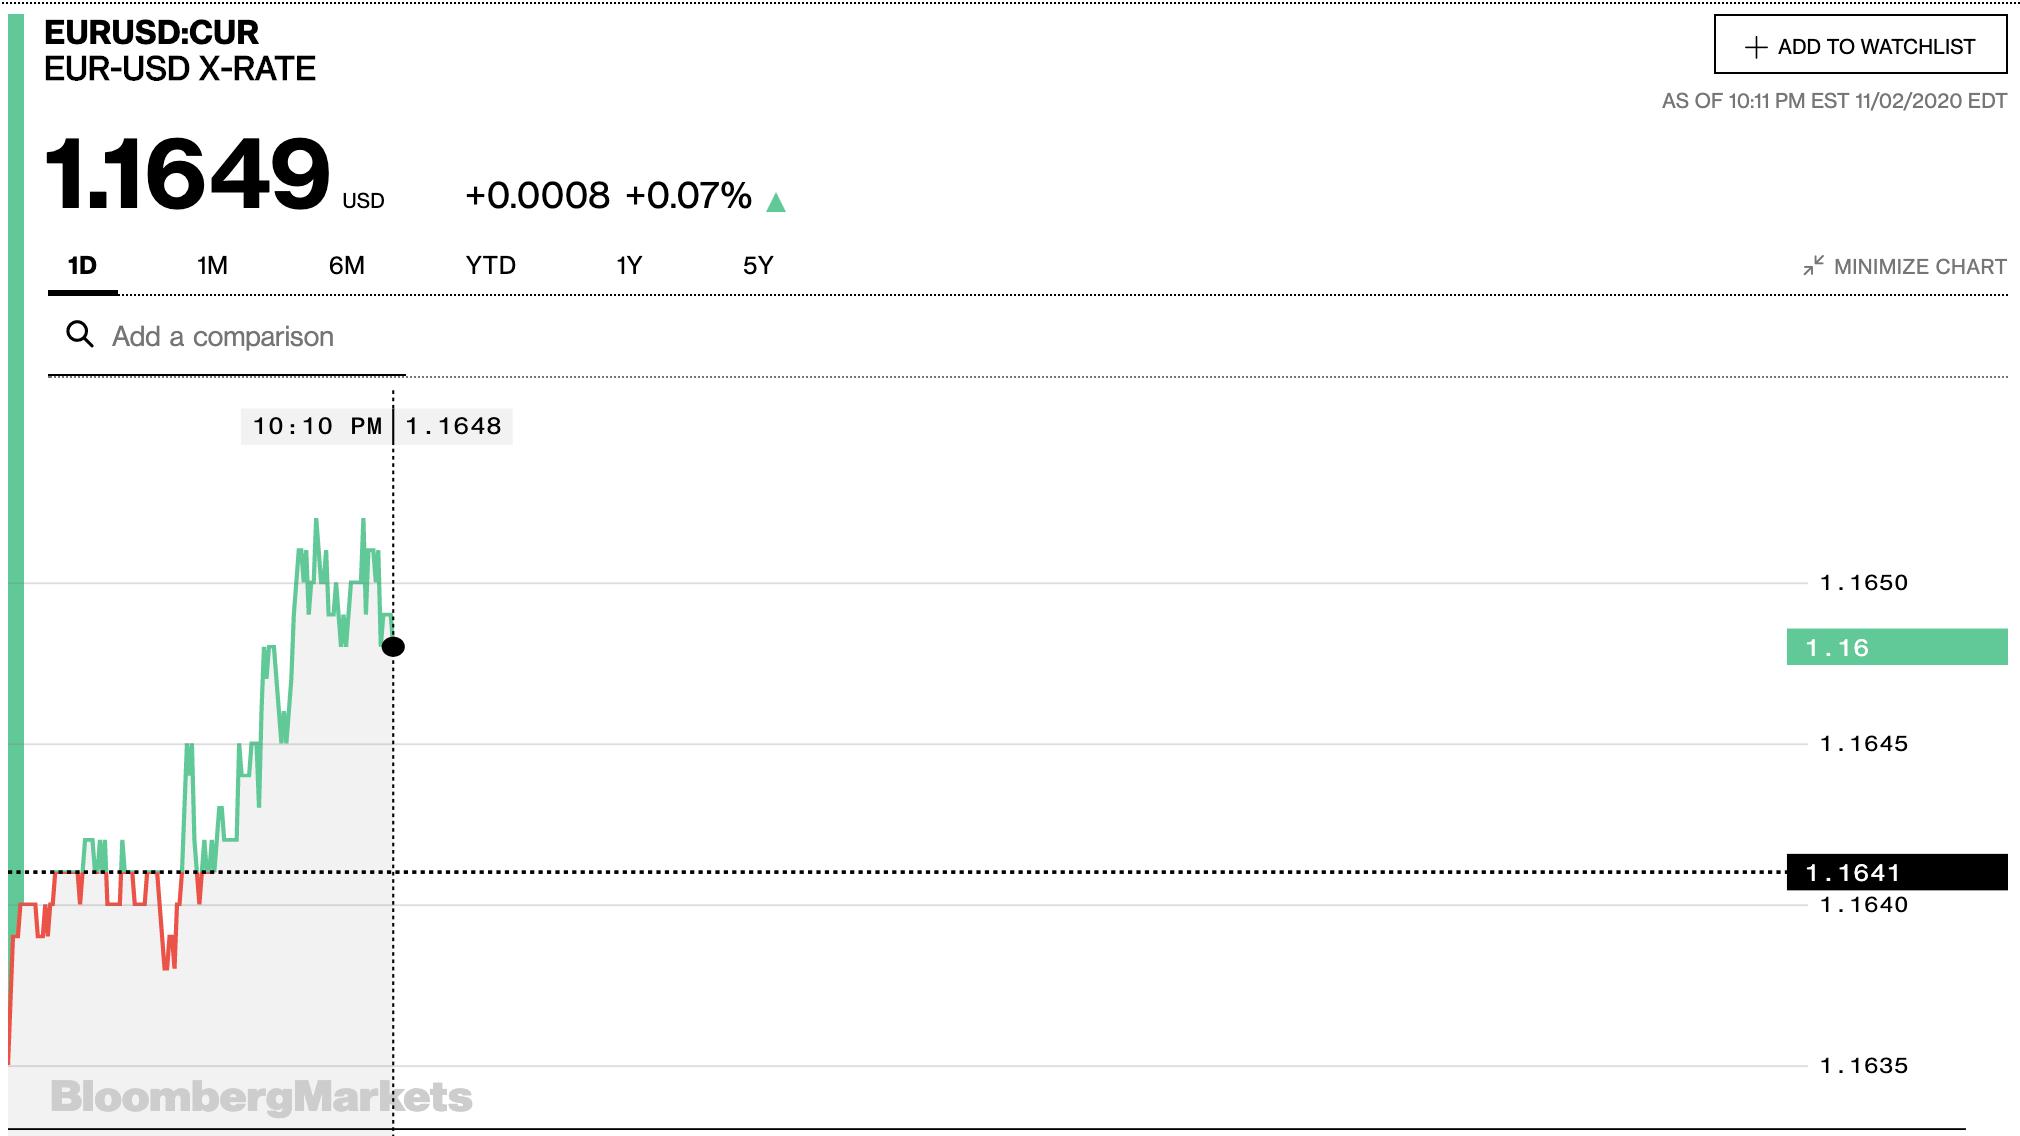 Tỷ giá euro hôm nay 3/11: Xu hướng tăng chiếm đa số ngân hàng sau nhiều ngày liên tục giảm - Ảnh 2.